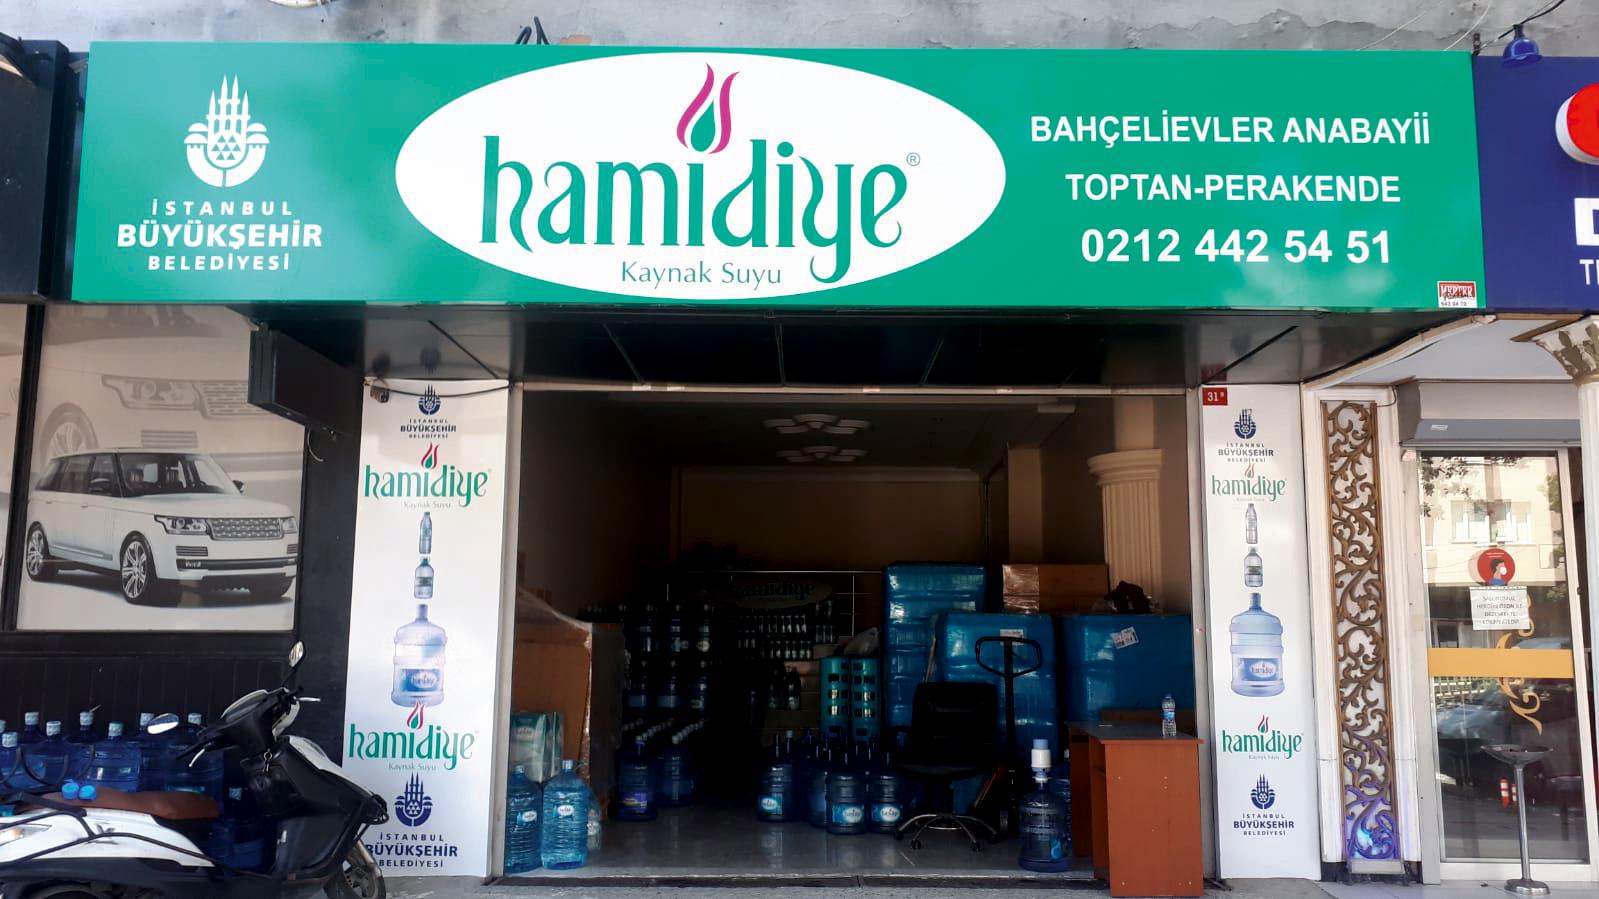 hamidiye-1